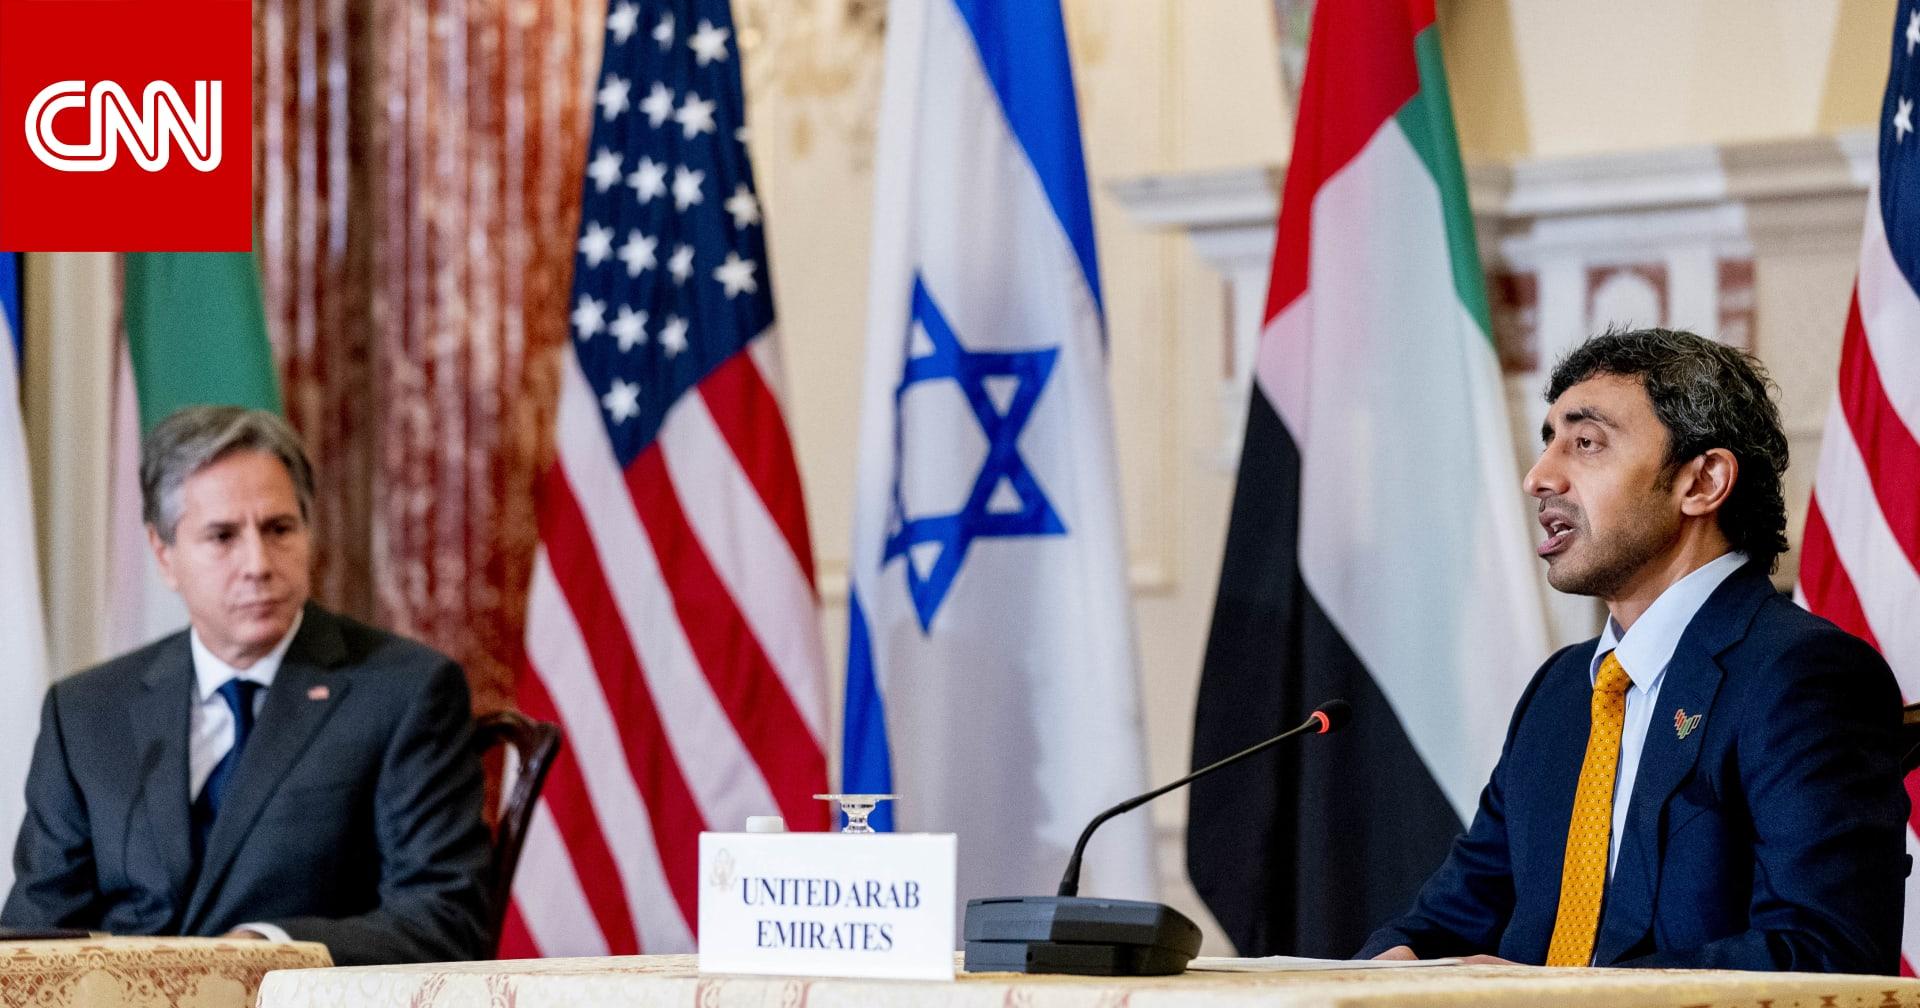 وزير خارجية الإمارات: لن نقبل بحزب الله جديد على حدود السعودية.. وأزور إسرائيل قريبًا